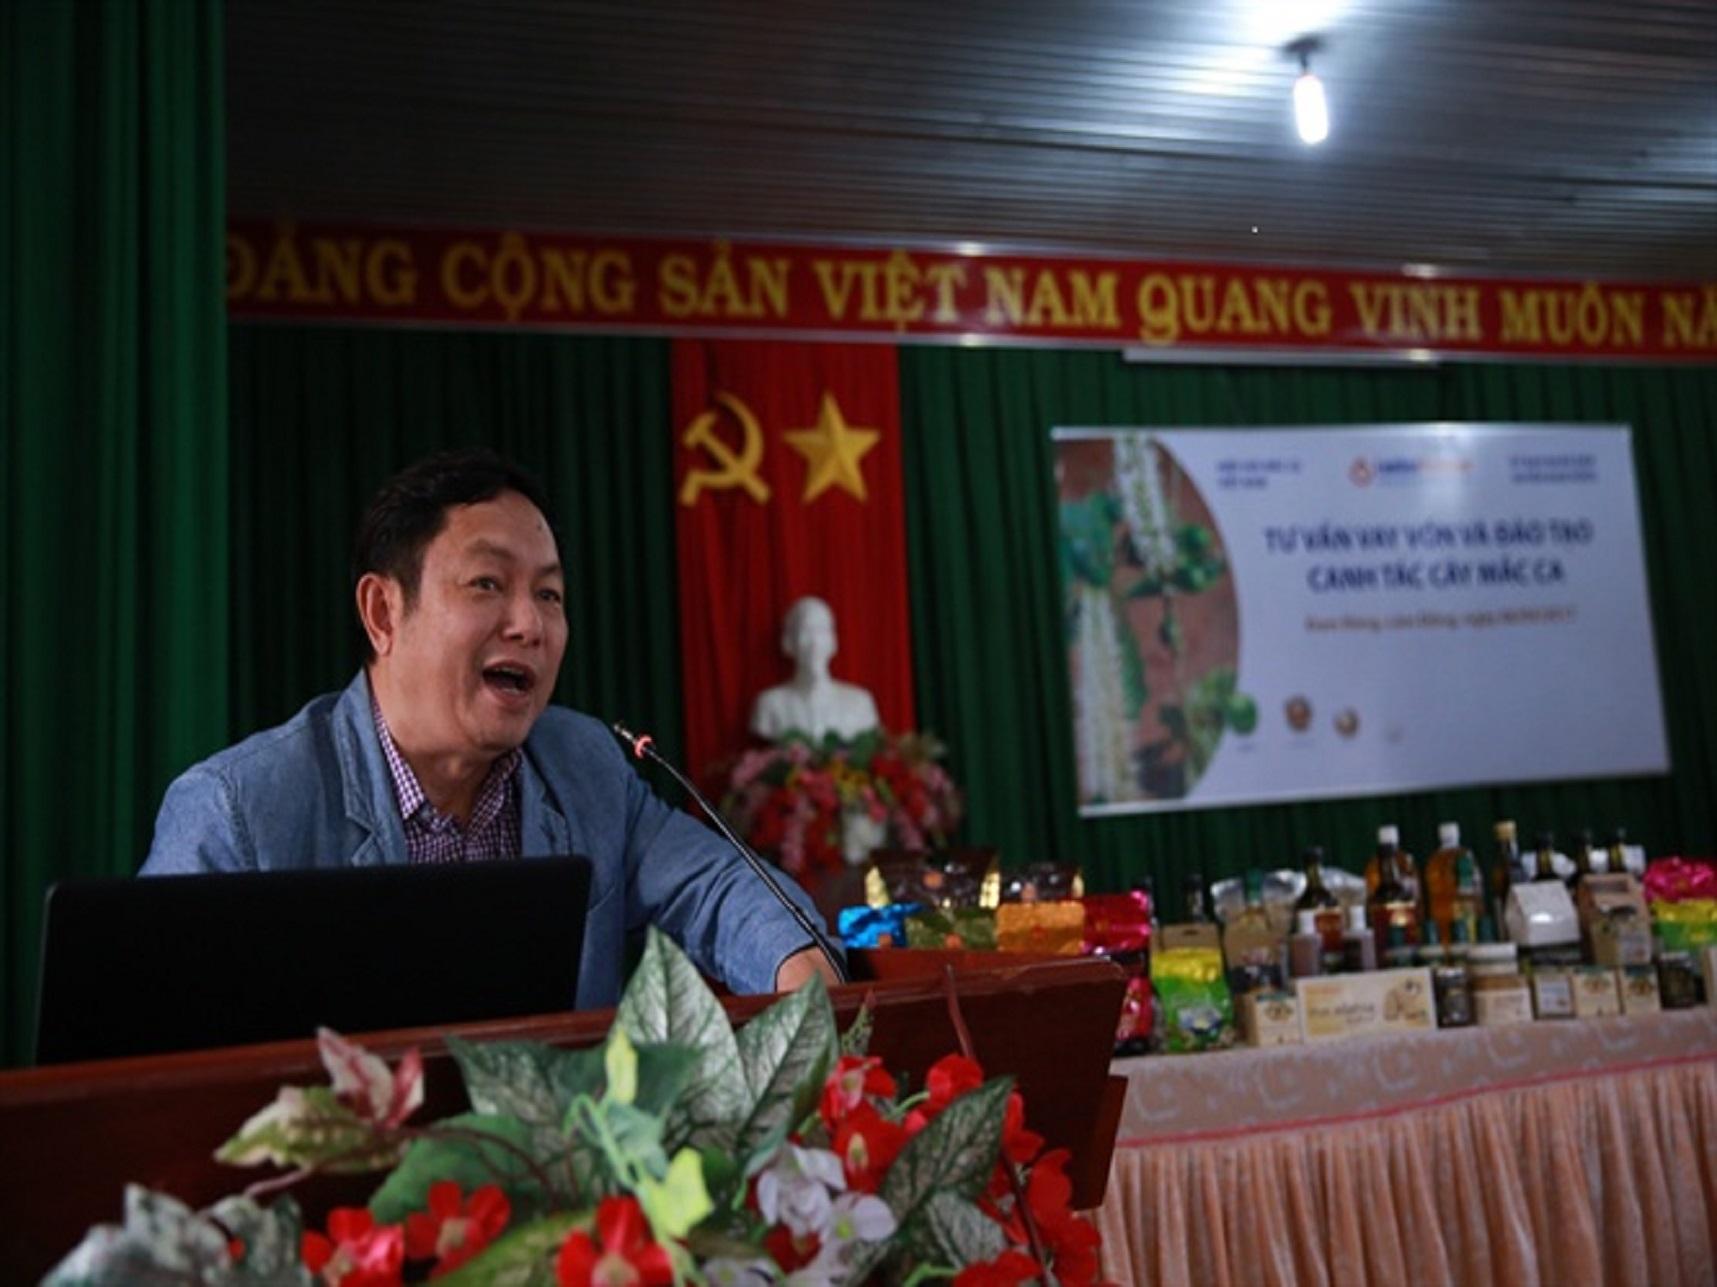 Ông Huỳnh Ngọc Huy khẳng định, trồng mắc ca rất dễ và cây giống quyết định sự thành bại hiệu quả